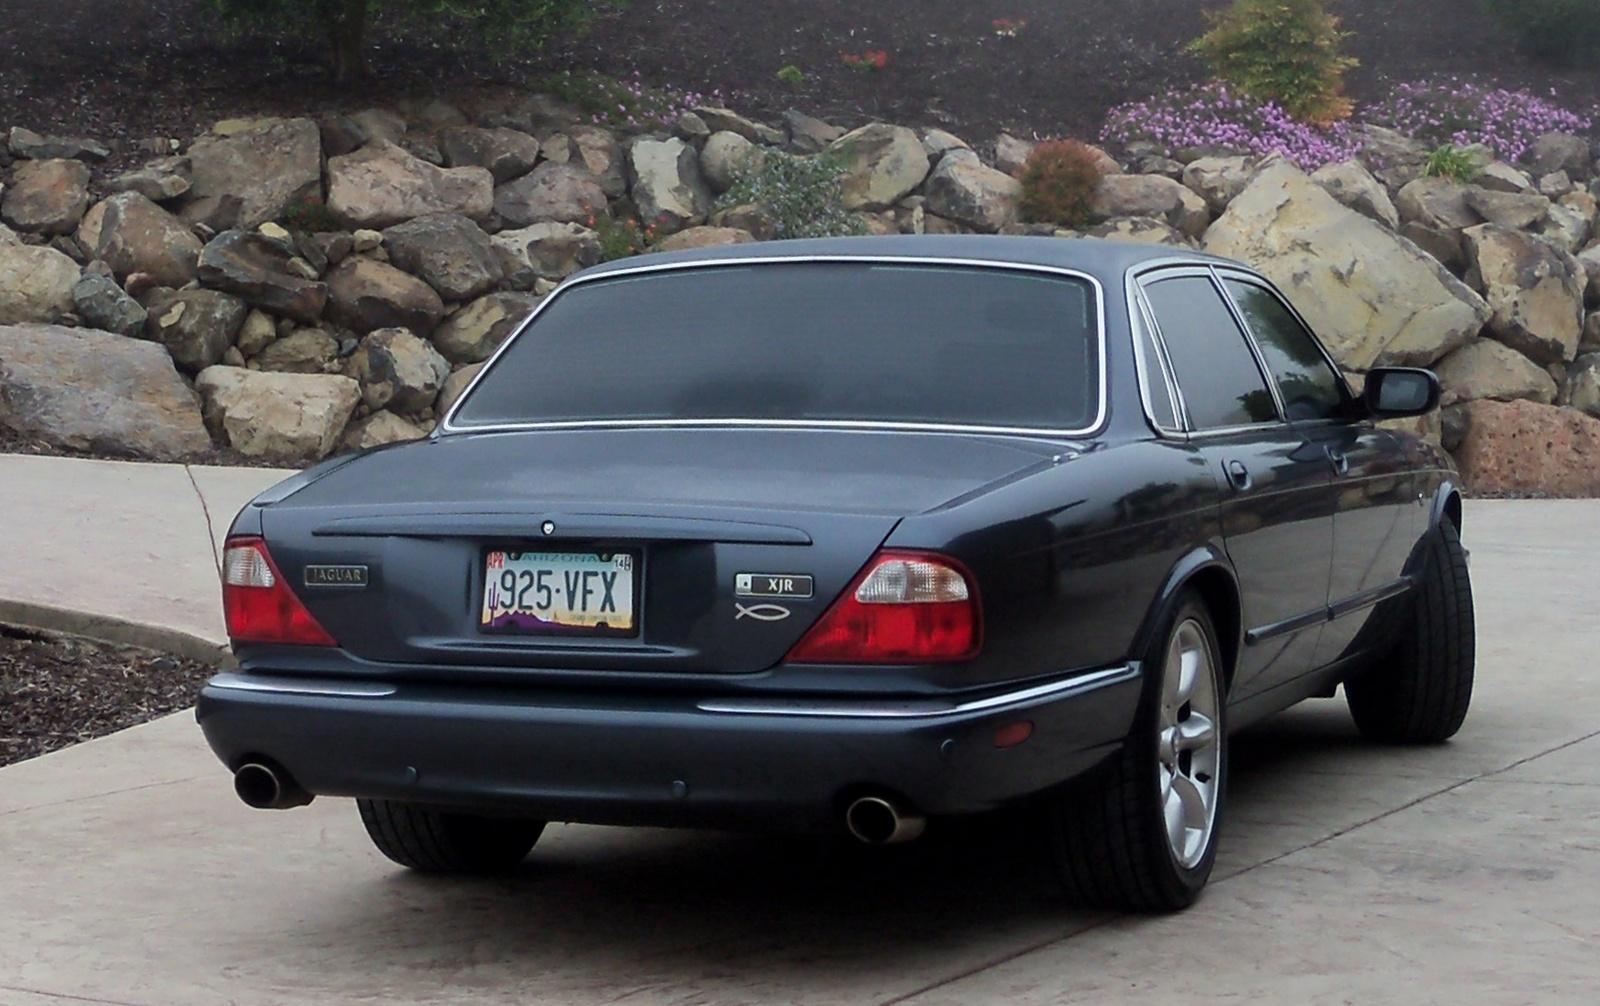 2001 Jaguar XJR - Overview - CarGurus